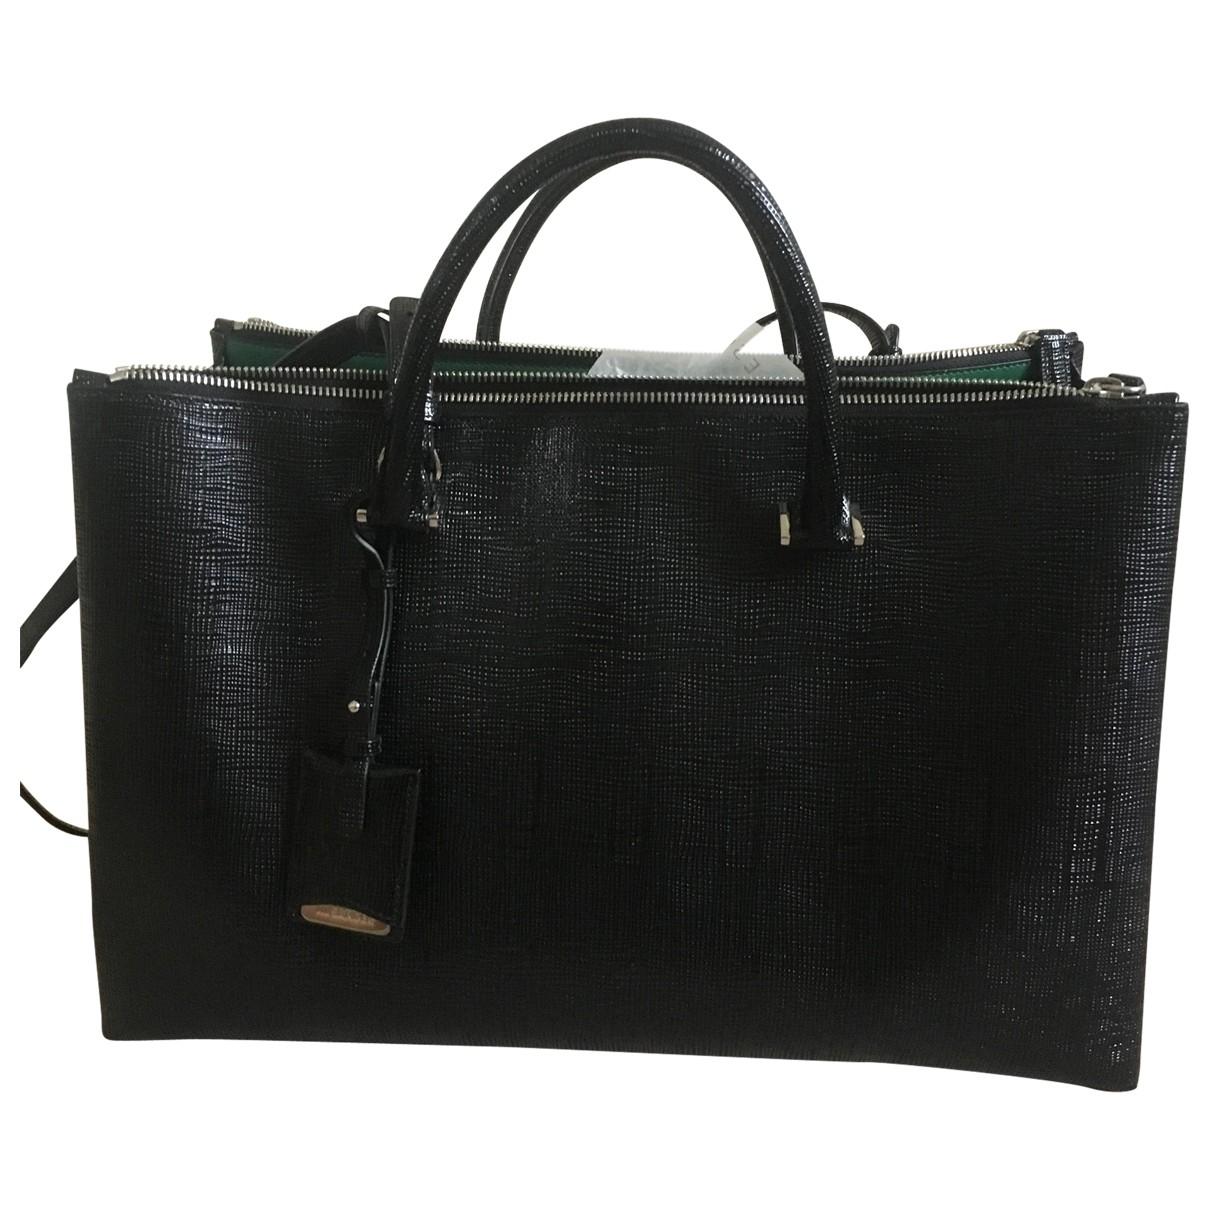 Jil Sander - Sac a main   pour femme en cuir verni - noir